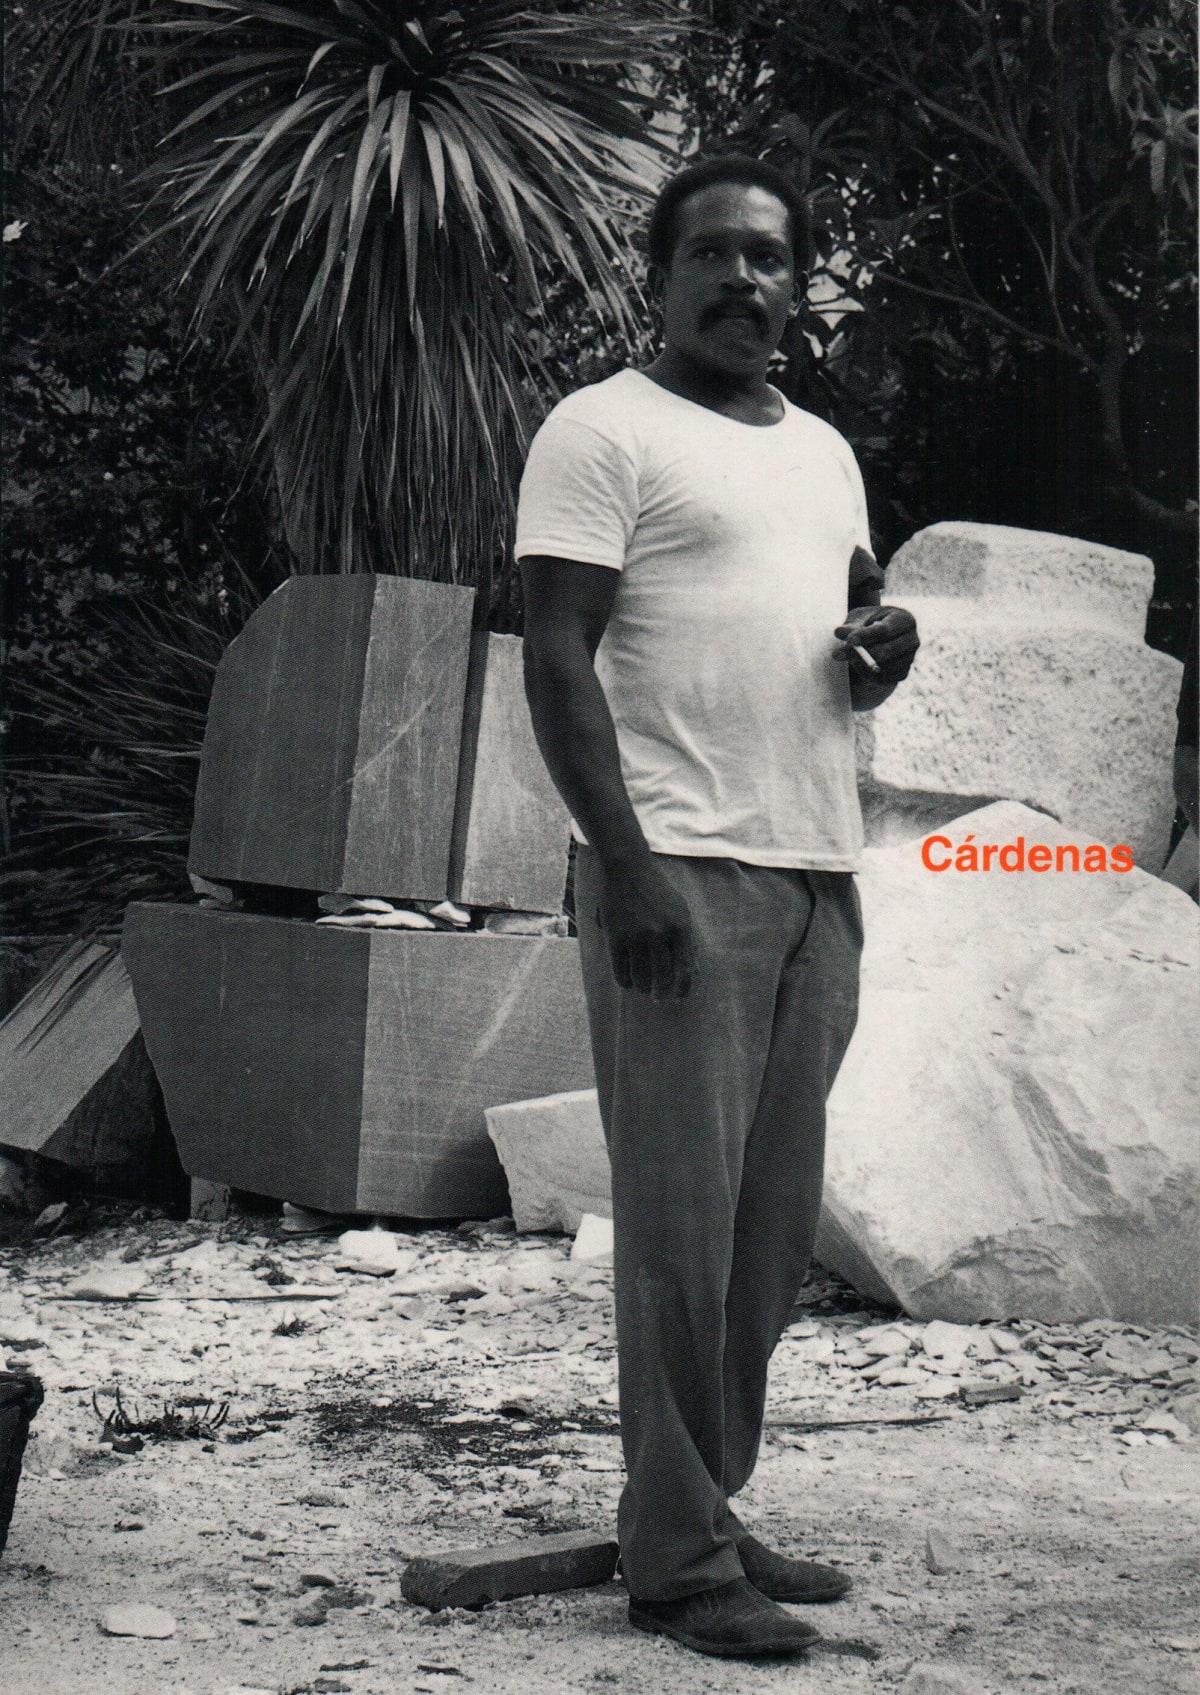 Agustin Cárdenas